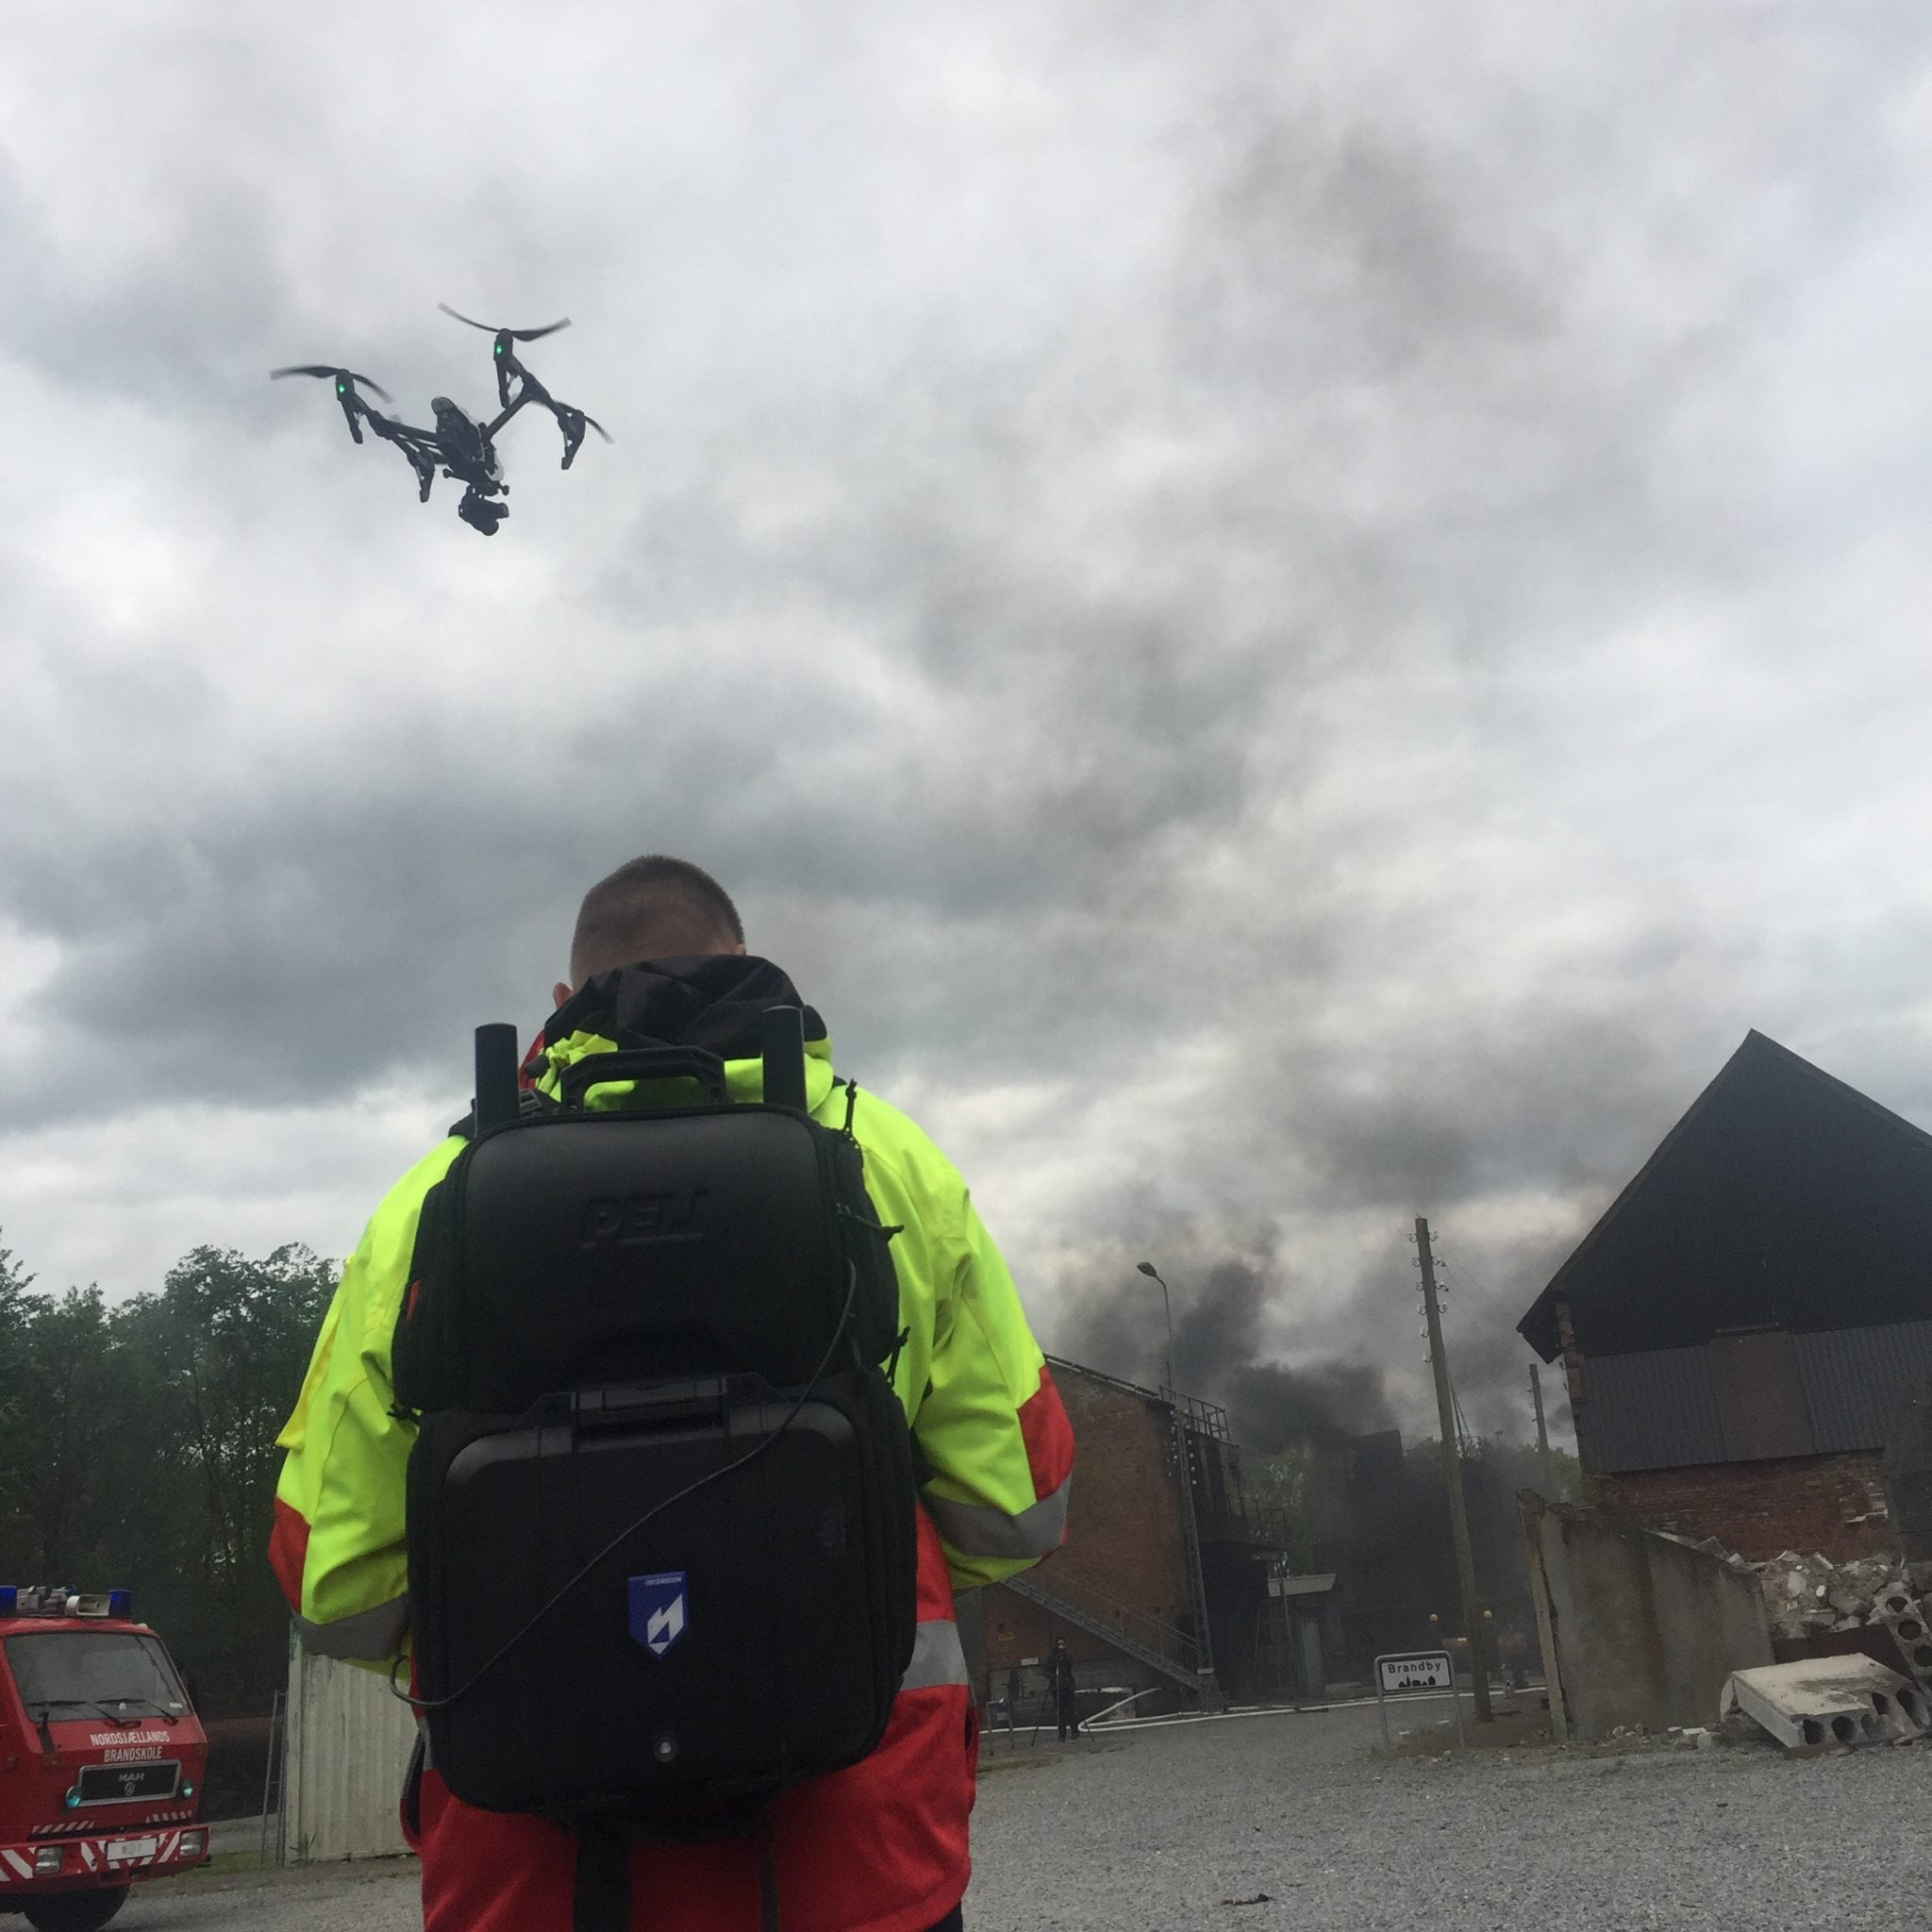 Online Drone Flight School